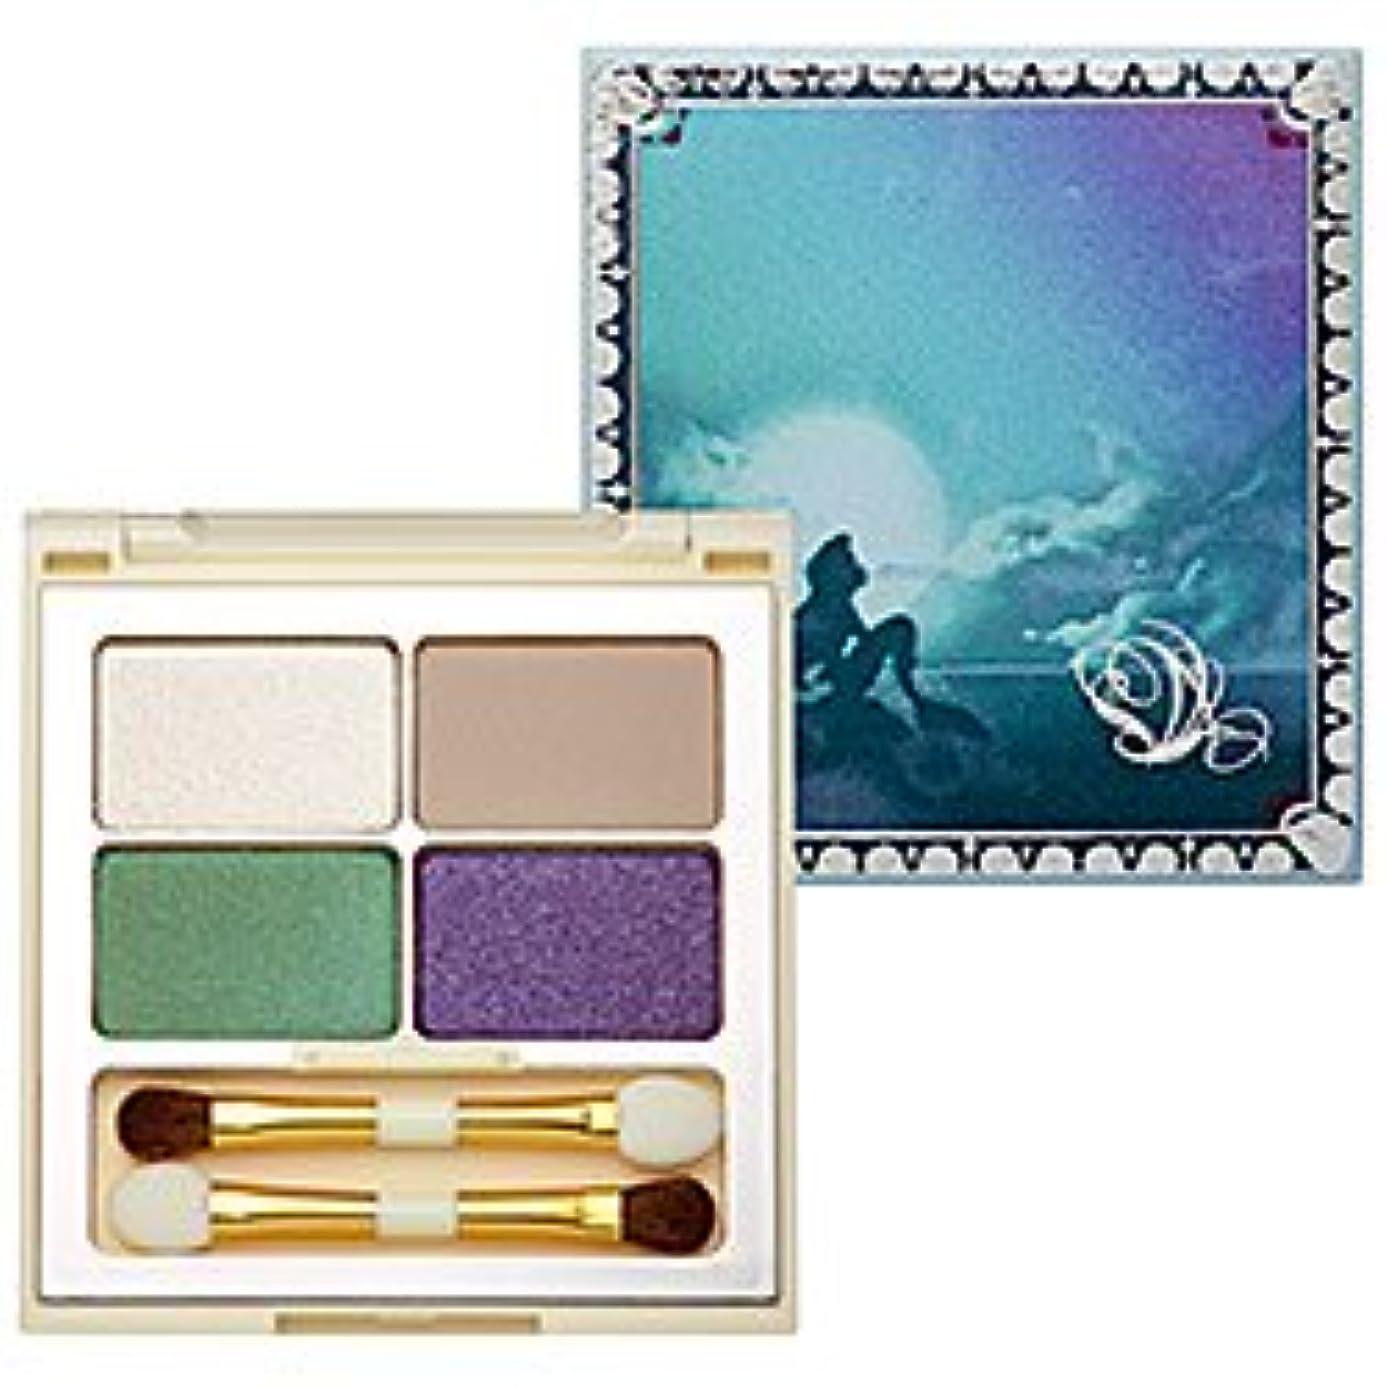 子供時代変成器安心Disney Sephora Ariel Part of Your World Eyeshadow Palette (ディズニー セフォラ アリエル パート オブ ユア ワールド アイシャドー パレット)